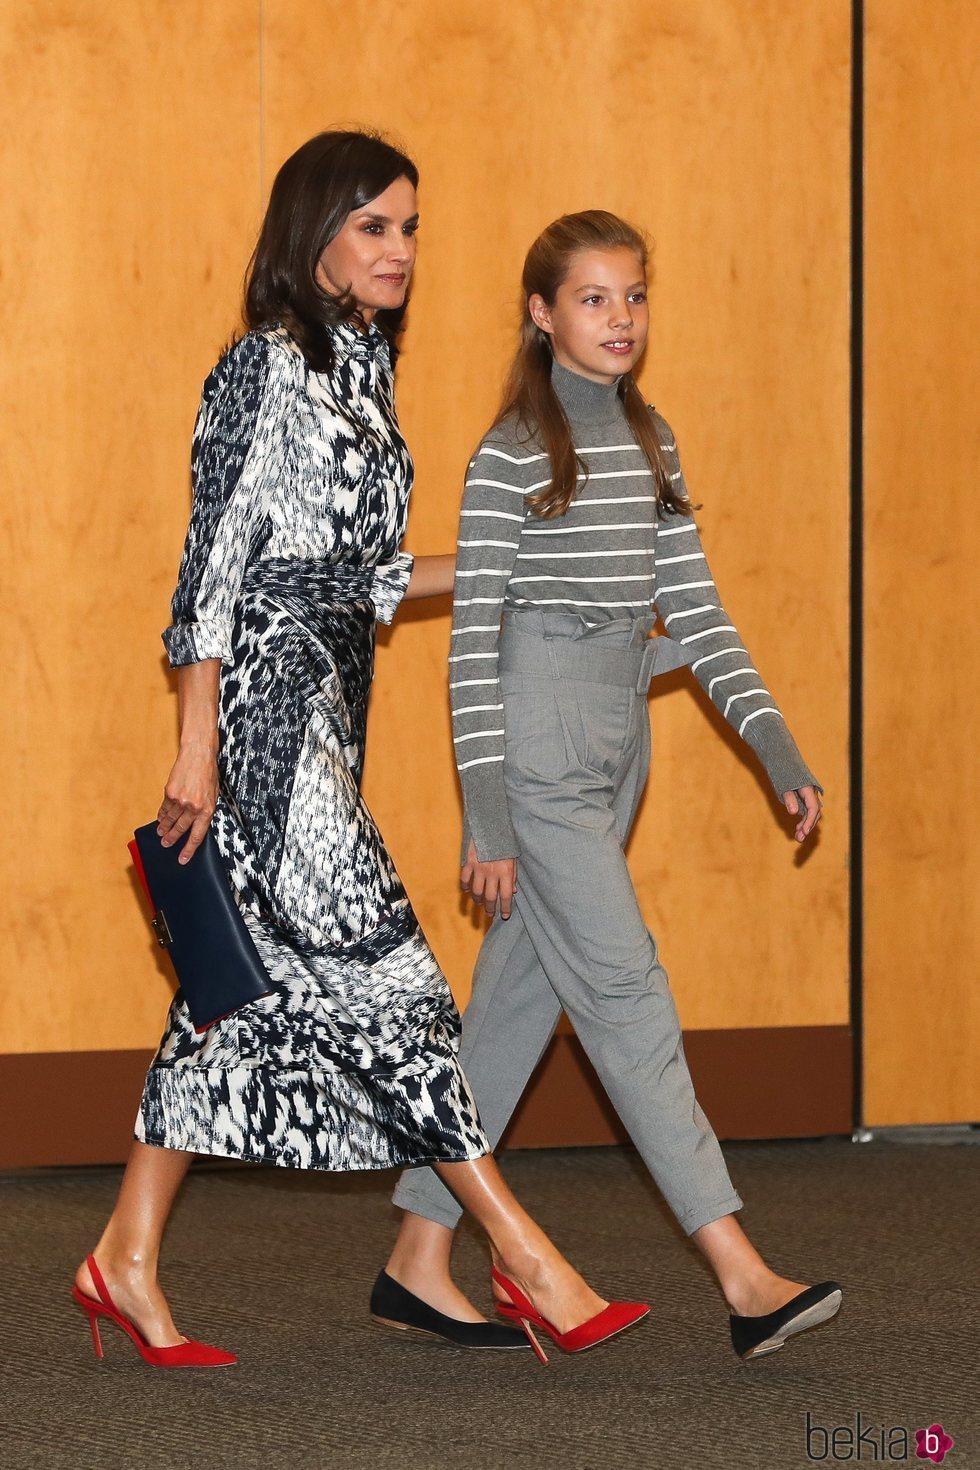 La Reina Letizia y la Infanta Sofía en la jornada 'El talento atrae al talento' de la Fundación Princesa de Girona